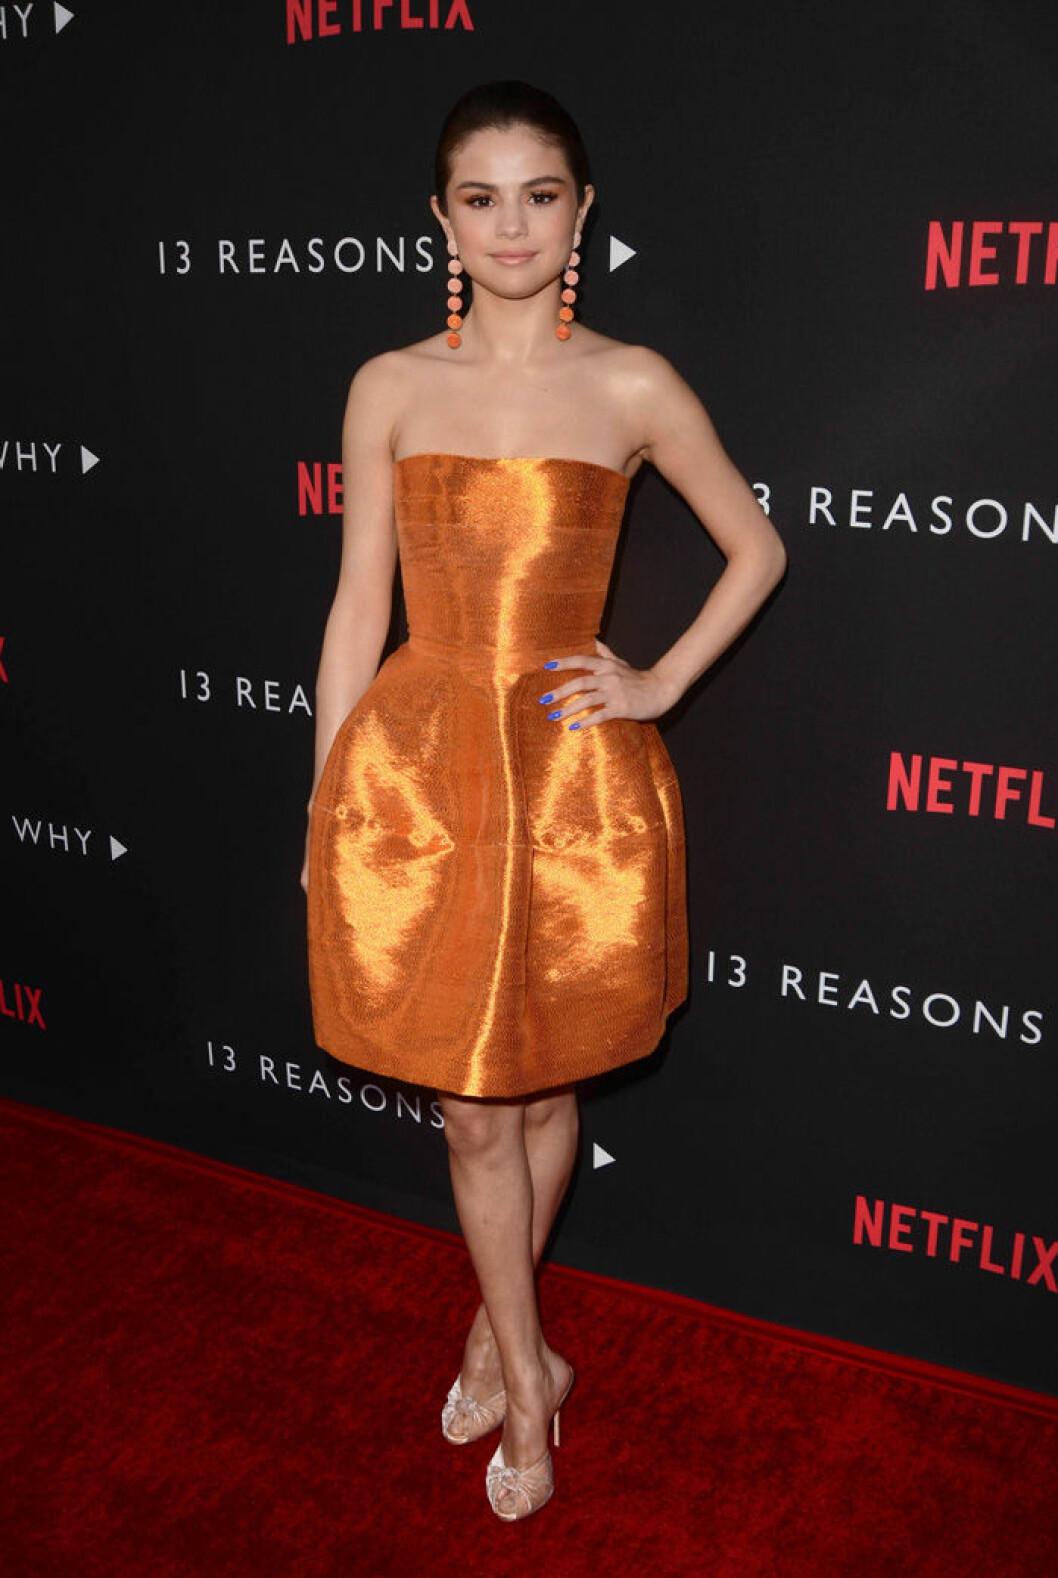 En bild på sångerskan Selena Gomez på premiären för 13 Reasons Why 2017.